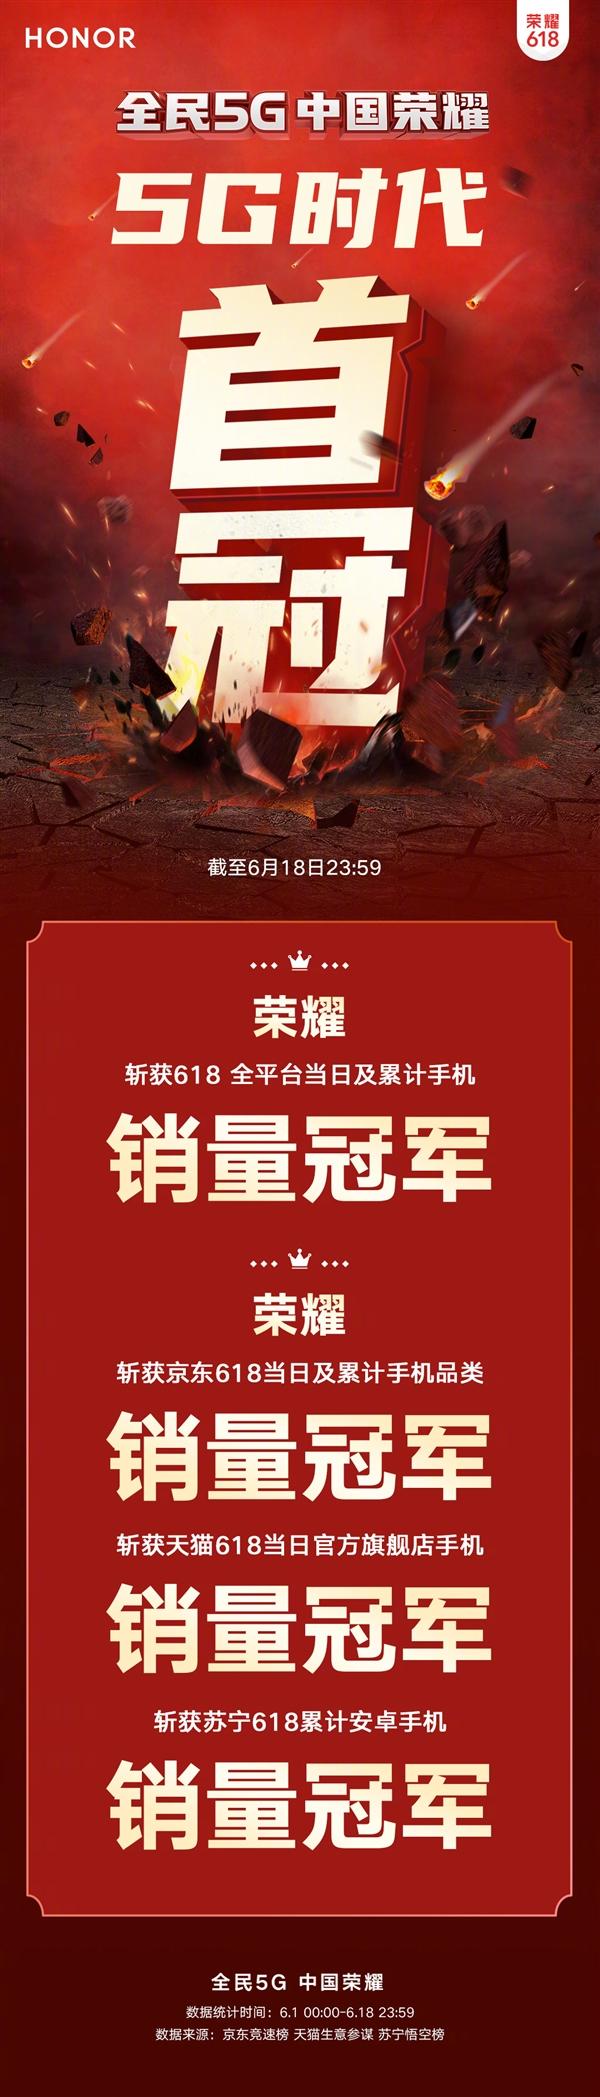 荣耀手机618勇夺四冠王:全平台第一